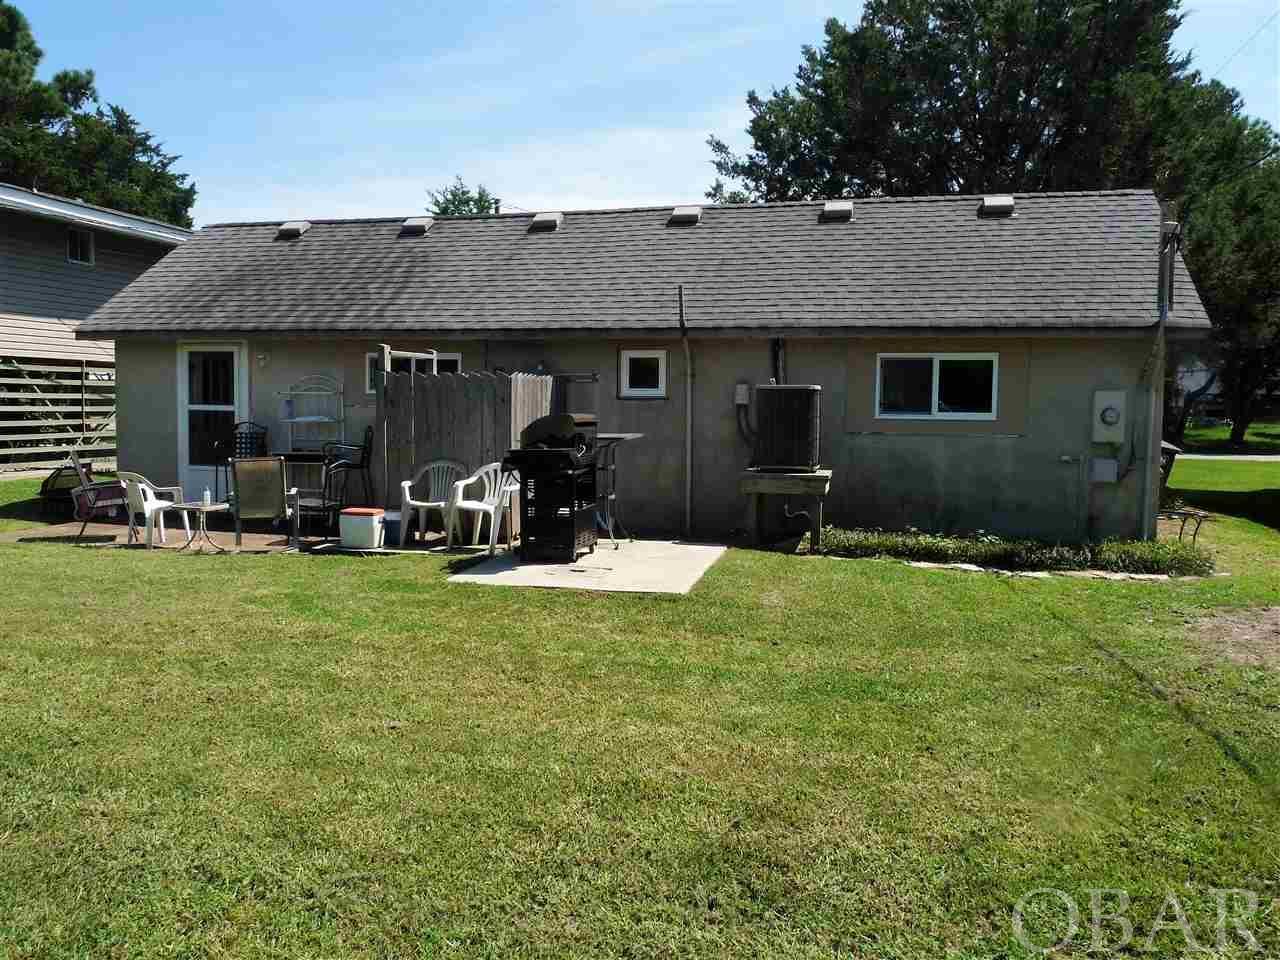 506 Avalon Drive,Kill Devil Hills,NC 27948,1 Bedroom Bedrooms,1 BathroomBathrooms,Residential,Avalon Drive,97600